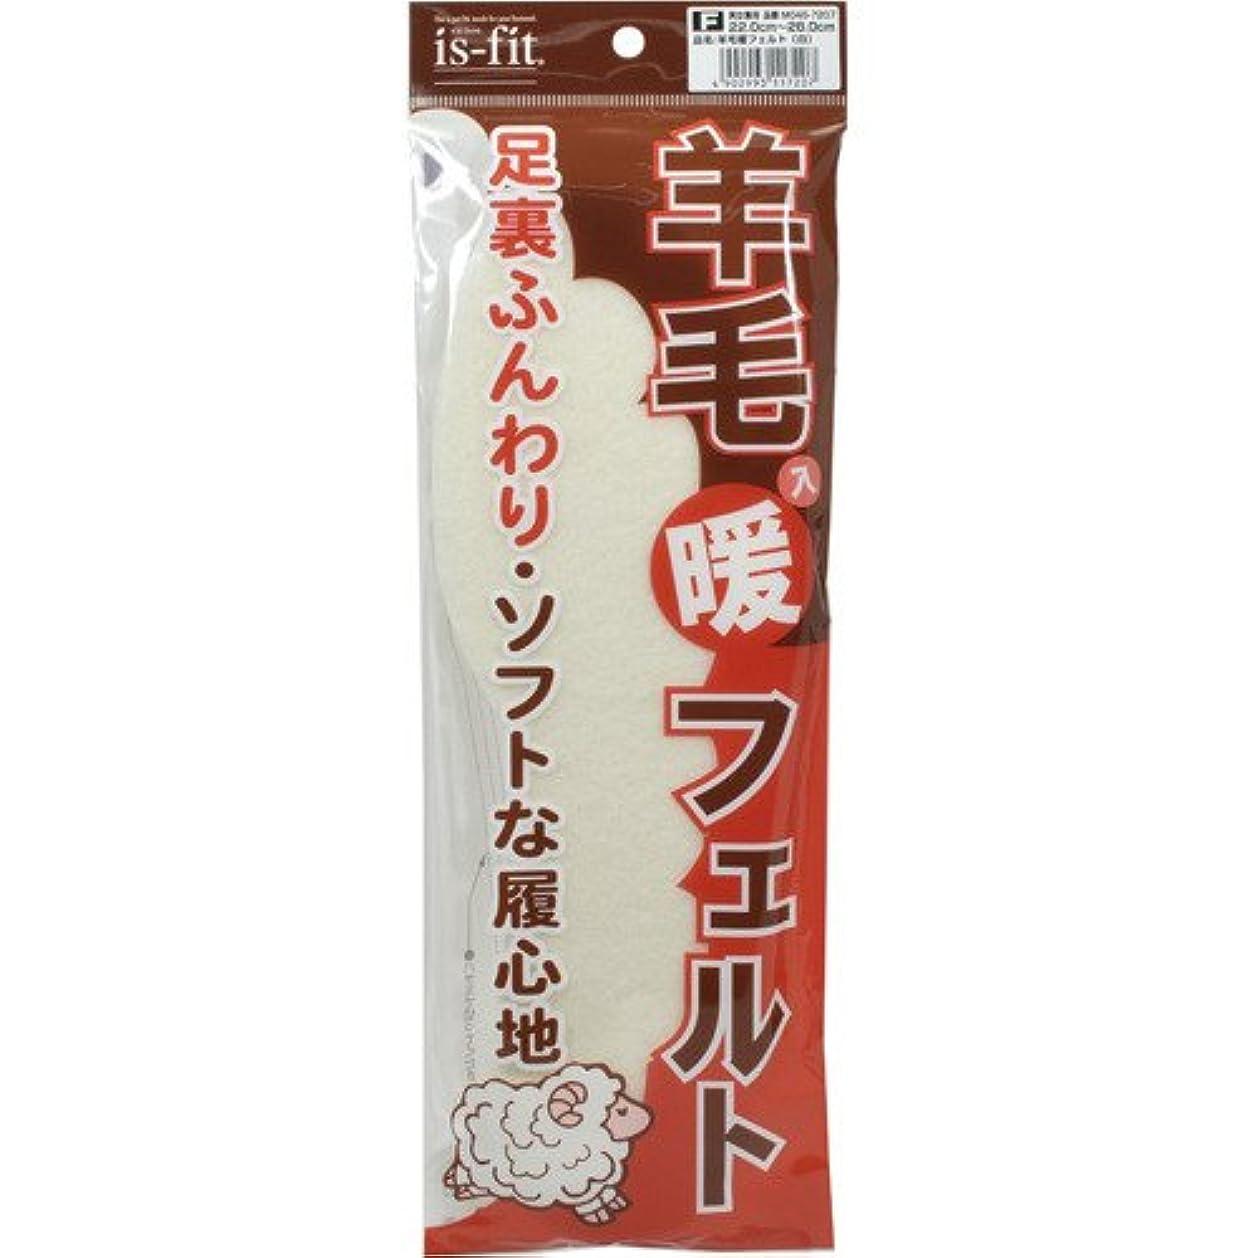 ちらつきファン指紋is-fit(イズフィット) 羊毛入り暖フェルト 男女兼用 22.0-28.0cm 白